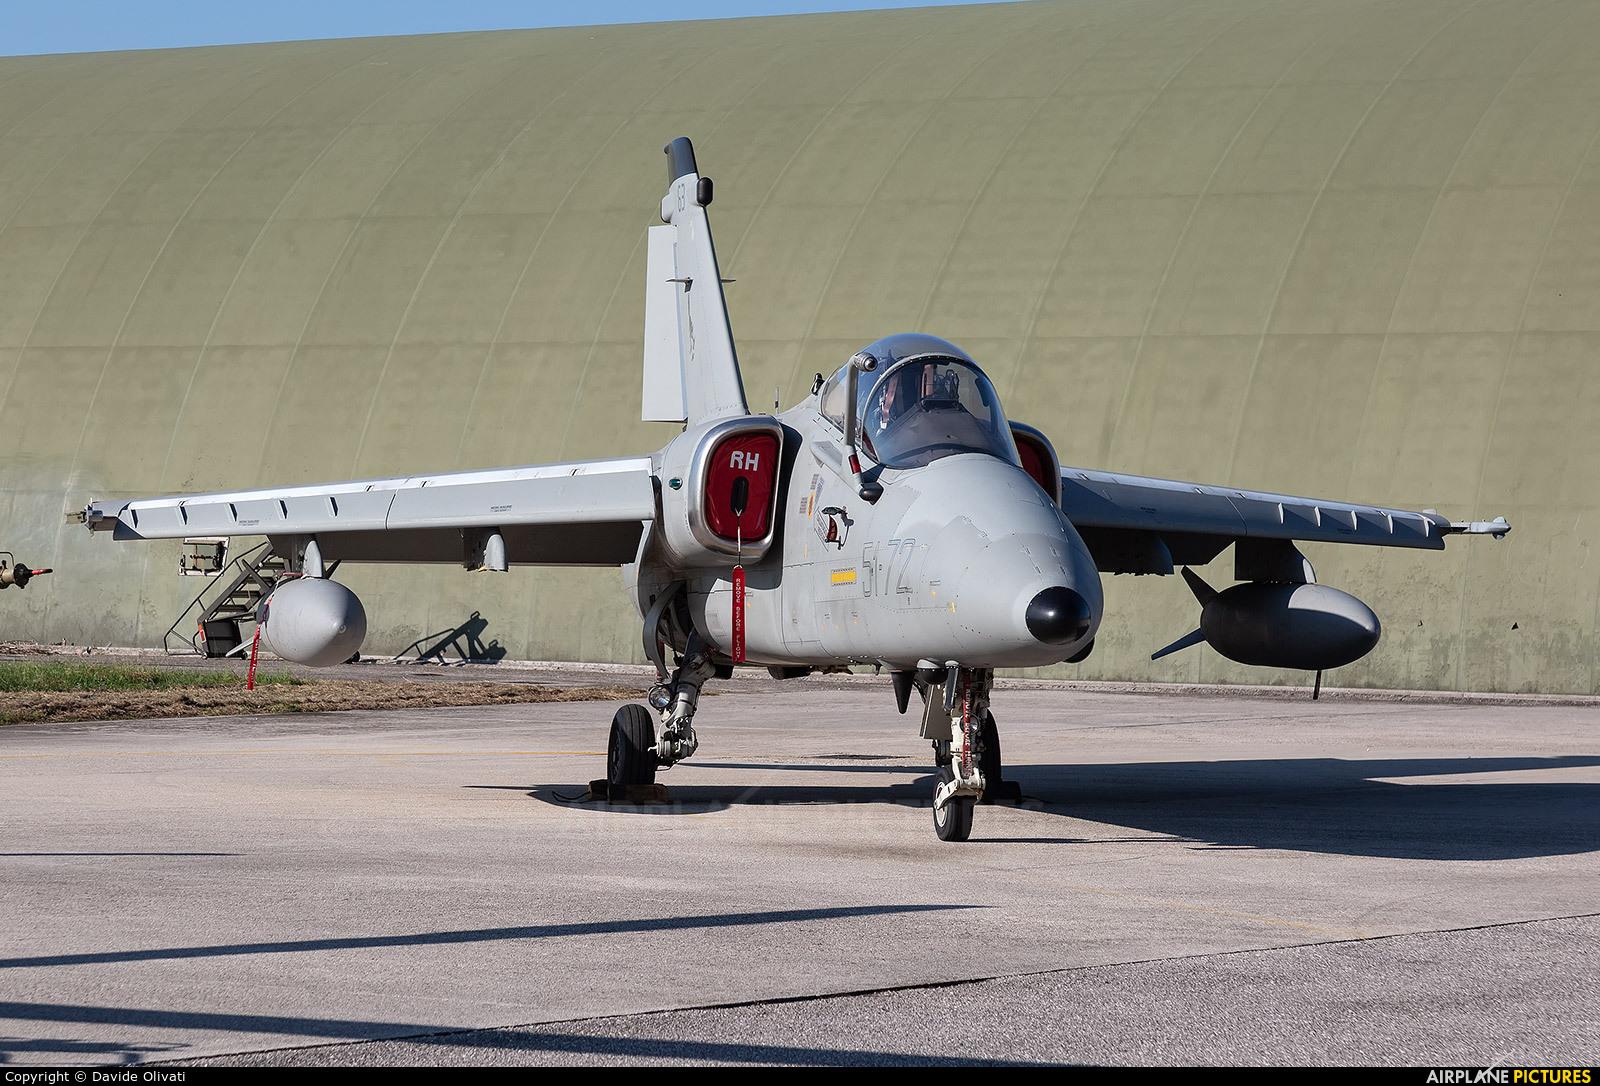 Italy - Air Force MM7163 aircraft at Treviso - Istrana